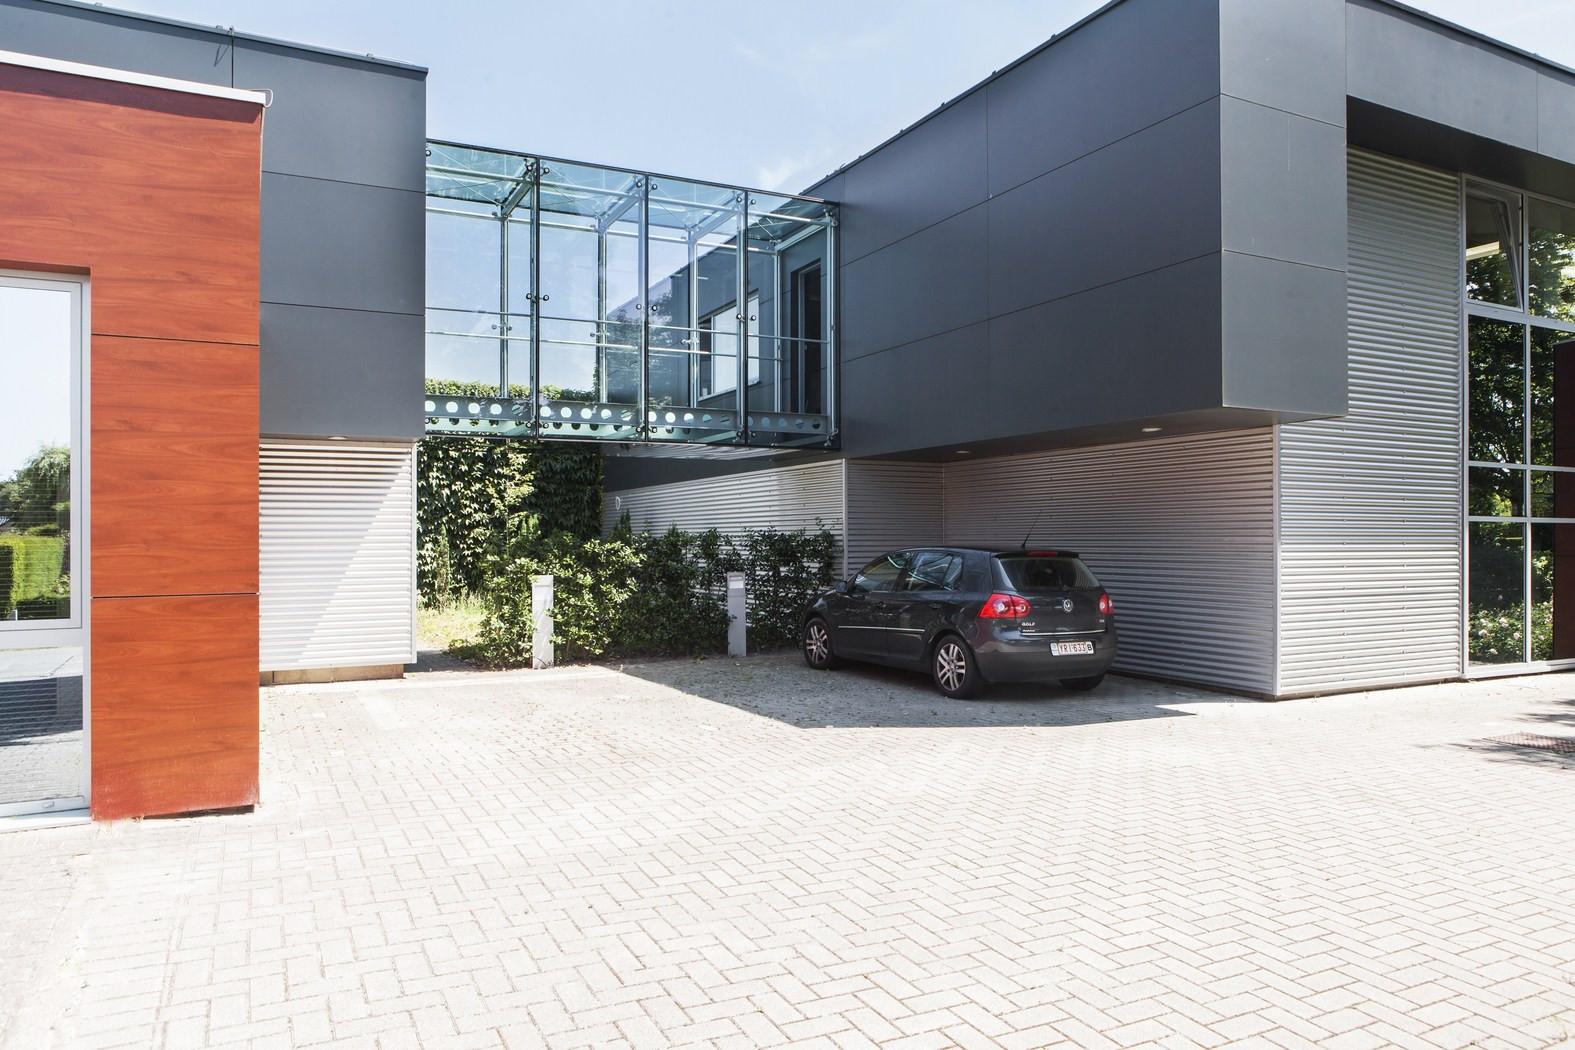 Drukkerij Buromac_Brugge_kantoren_productieruimte_stockageruimte (1).jpg